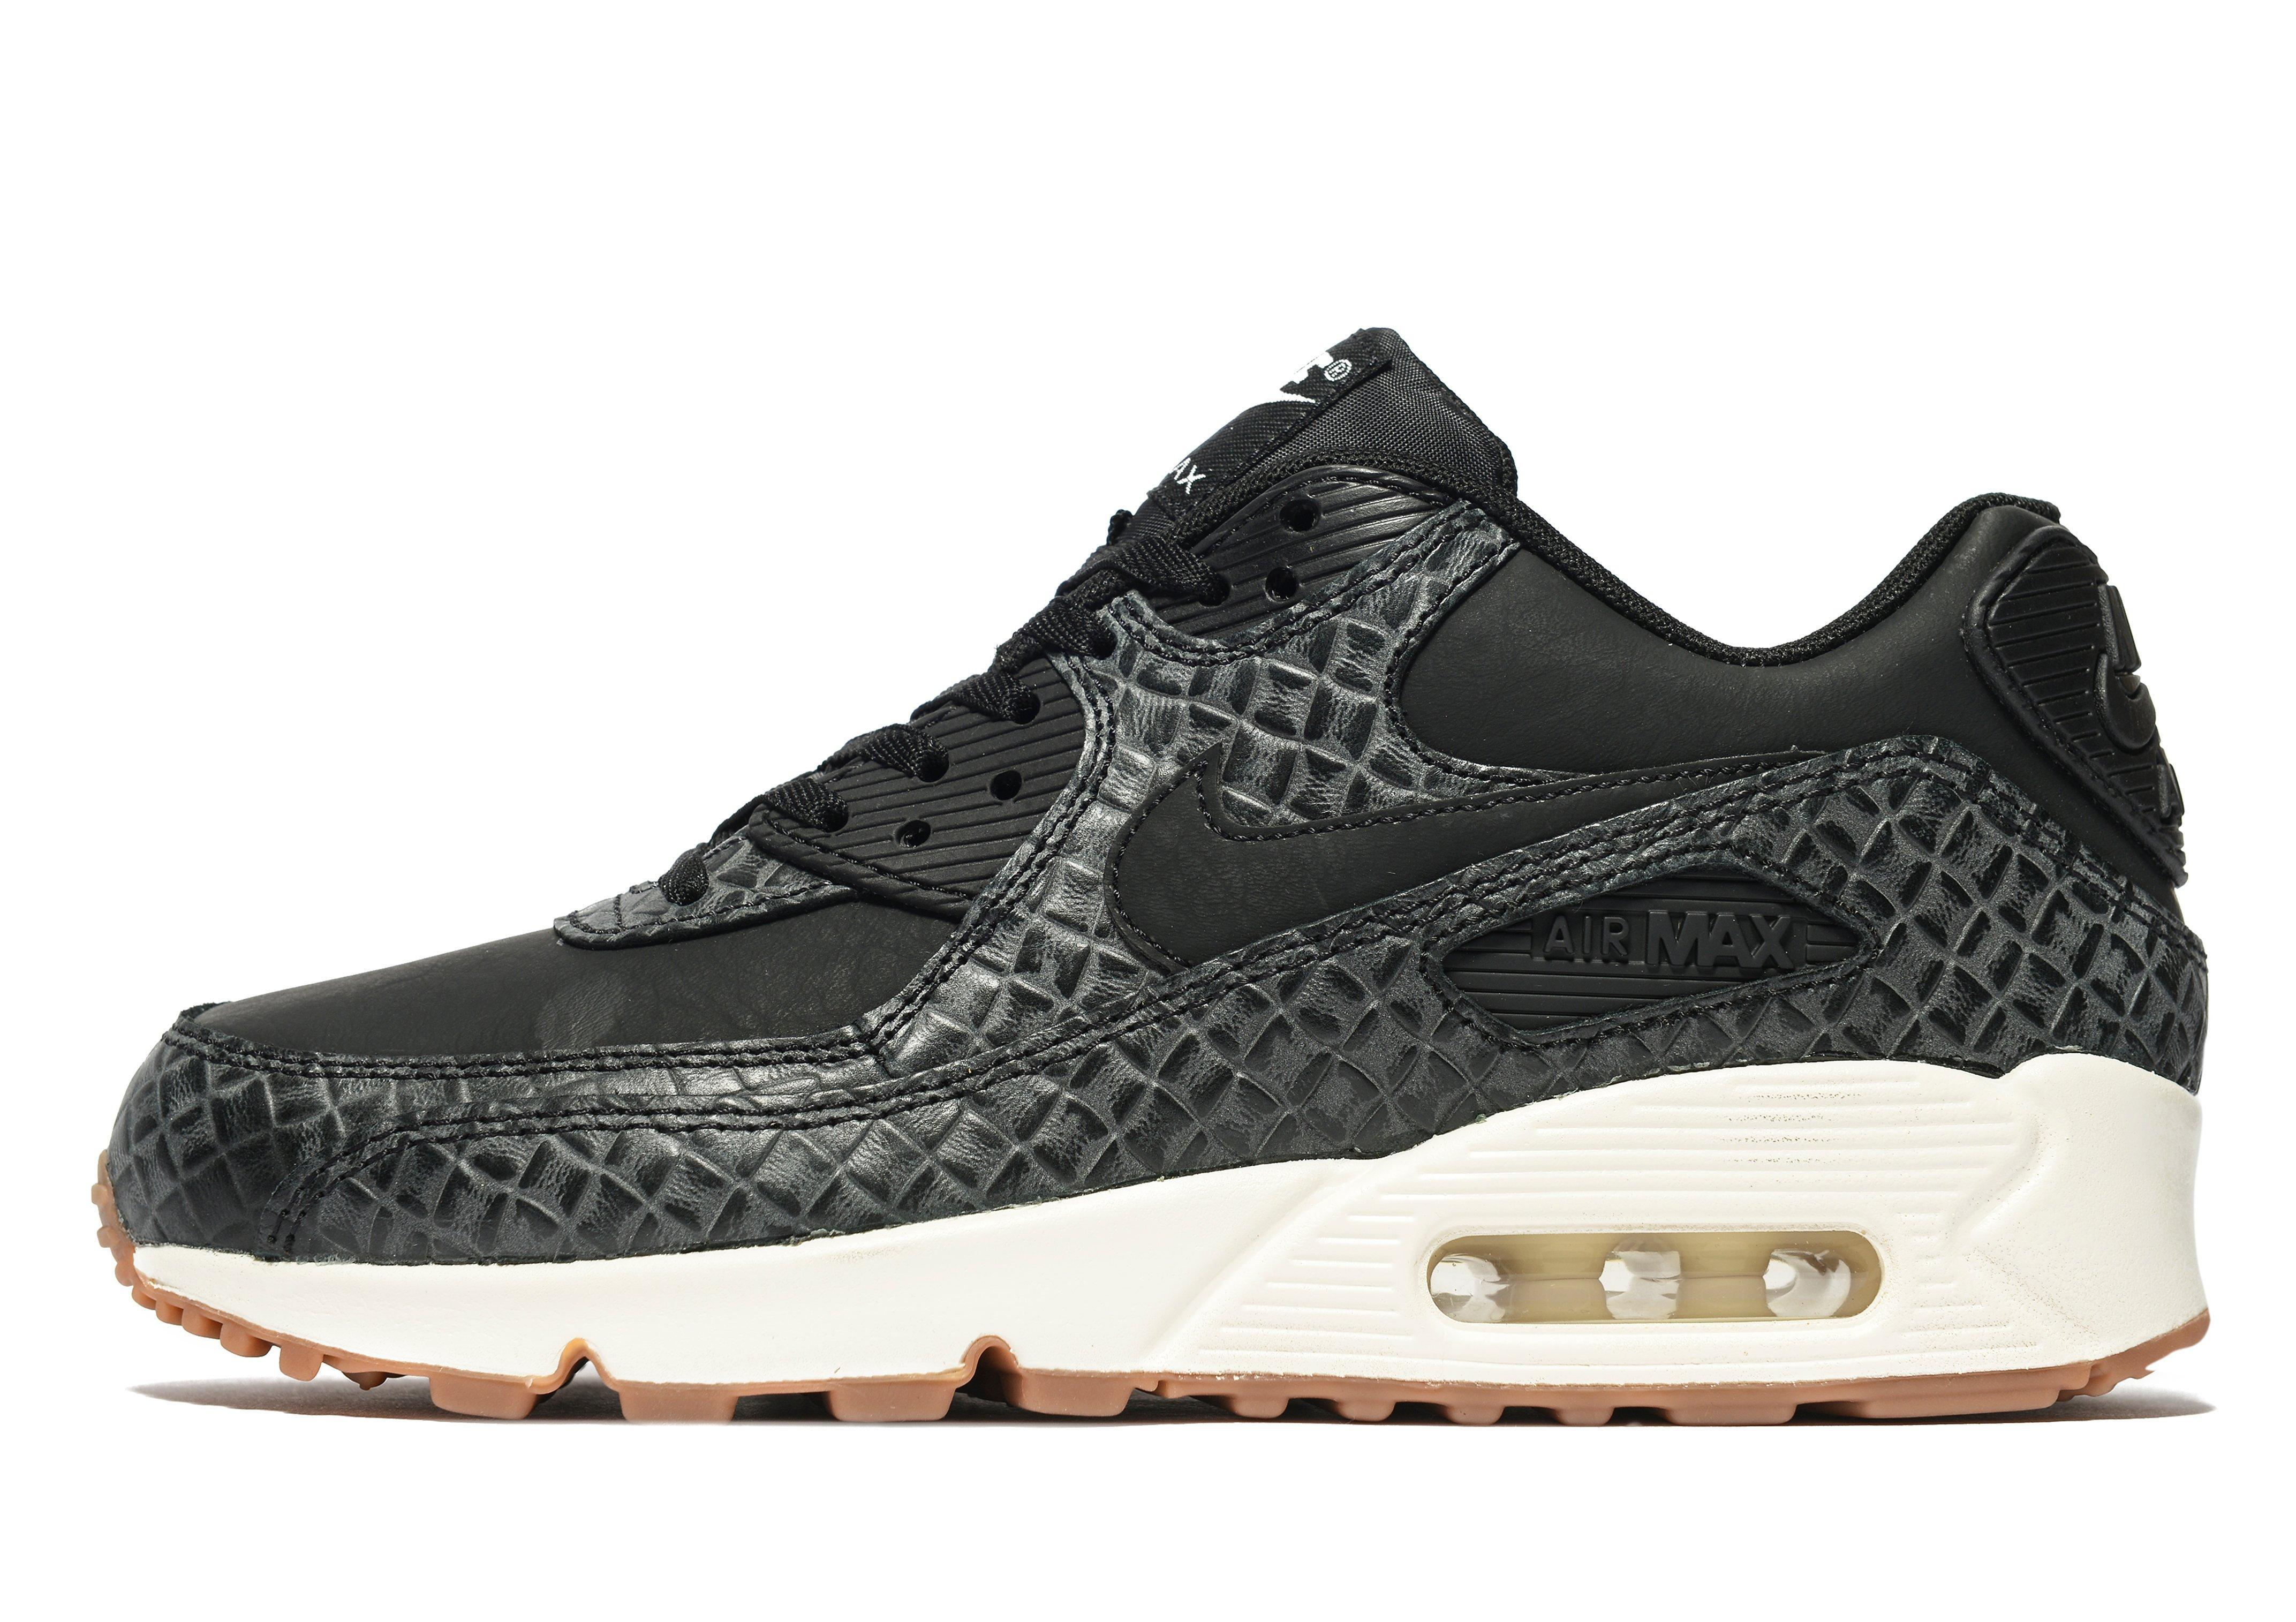 huge discount 8107d 3fab7 Nike Air Max 90 Premium in Black for Men - Lyst